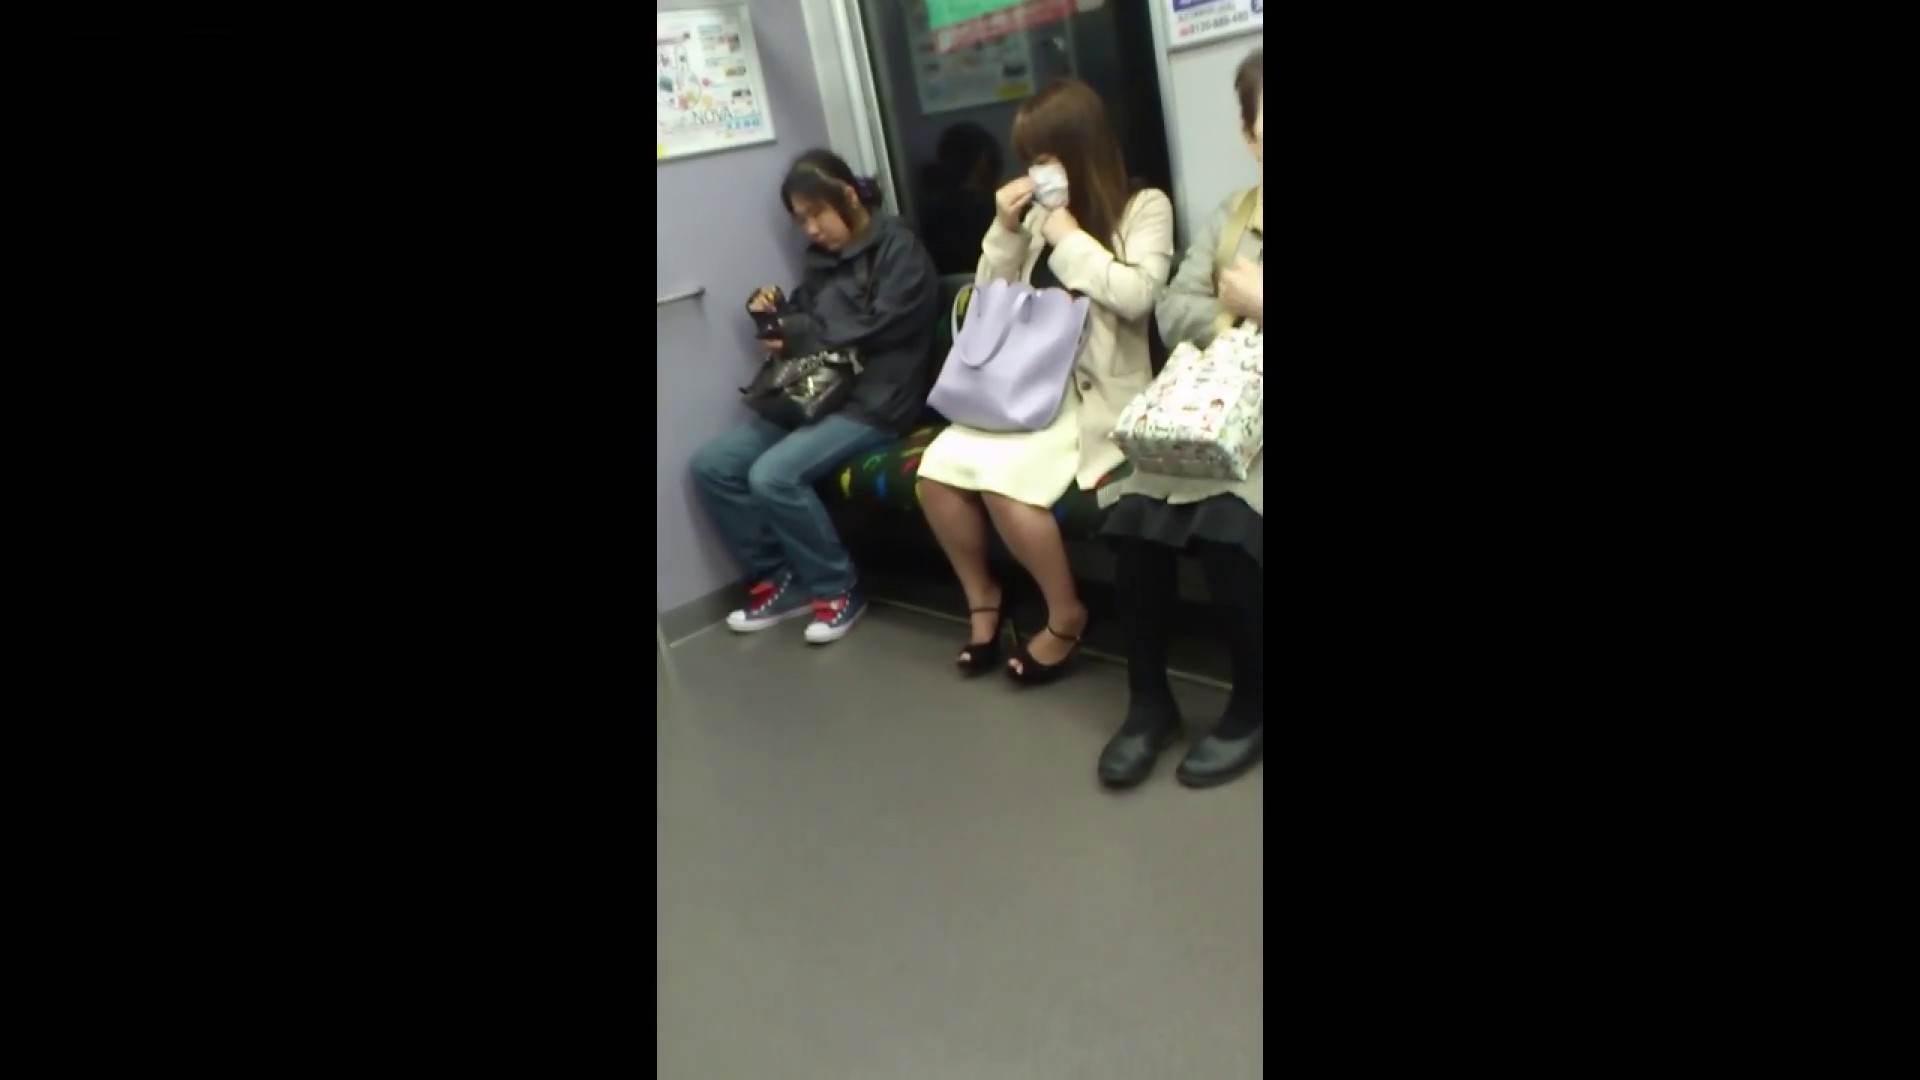 盗撮列車 Vol.55 黄色の爽やかなスカートが大好きです。 美肌 おめこ無修正動画無料 89枚 45